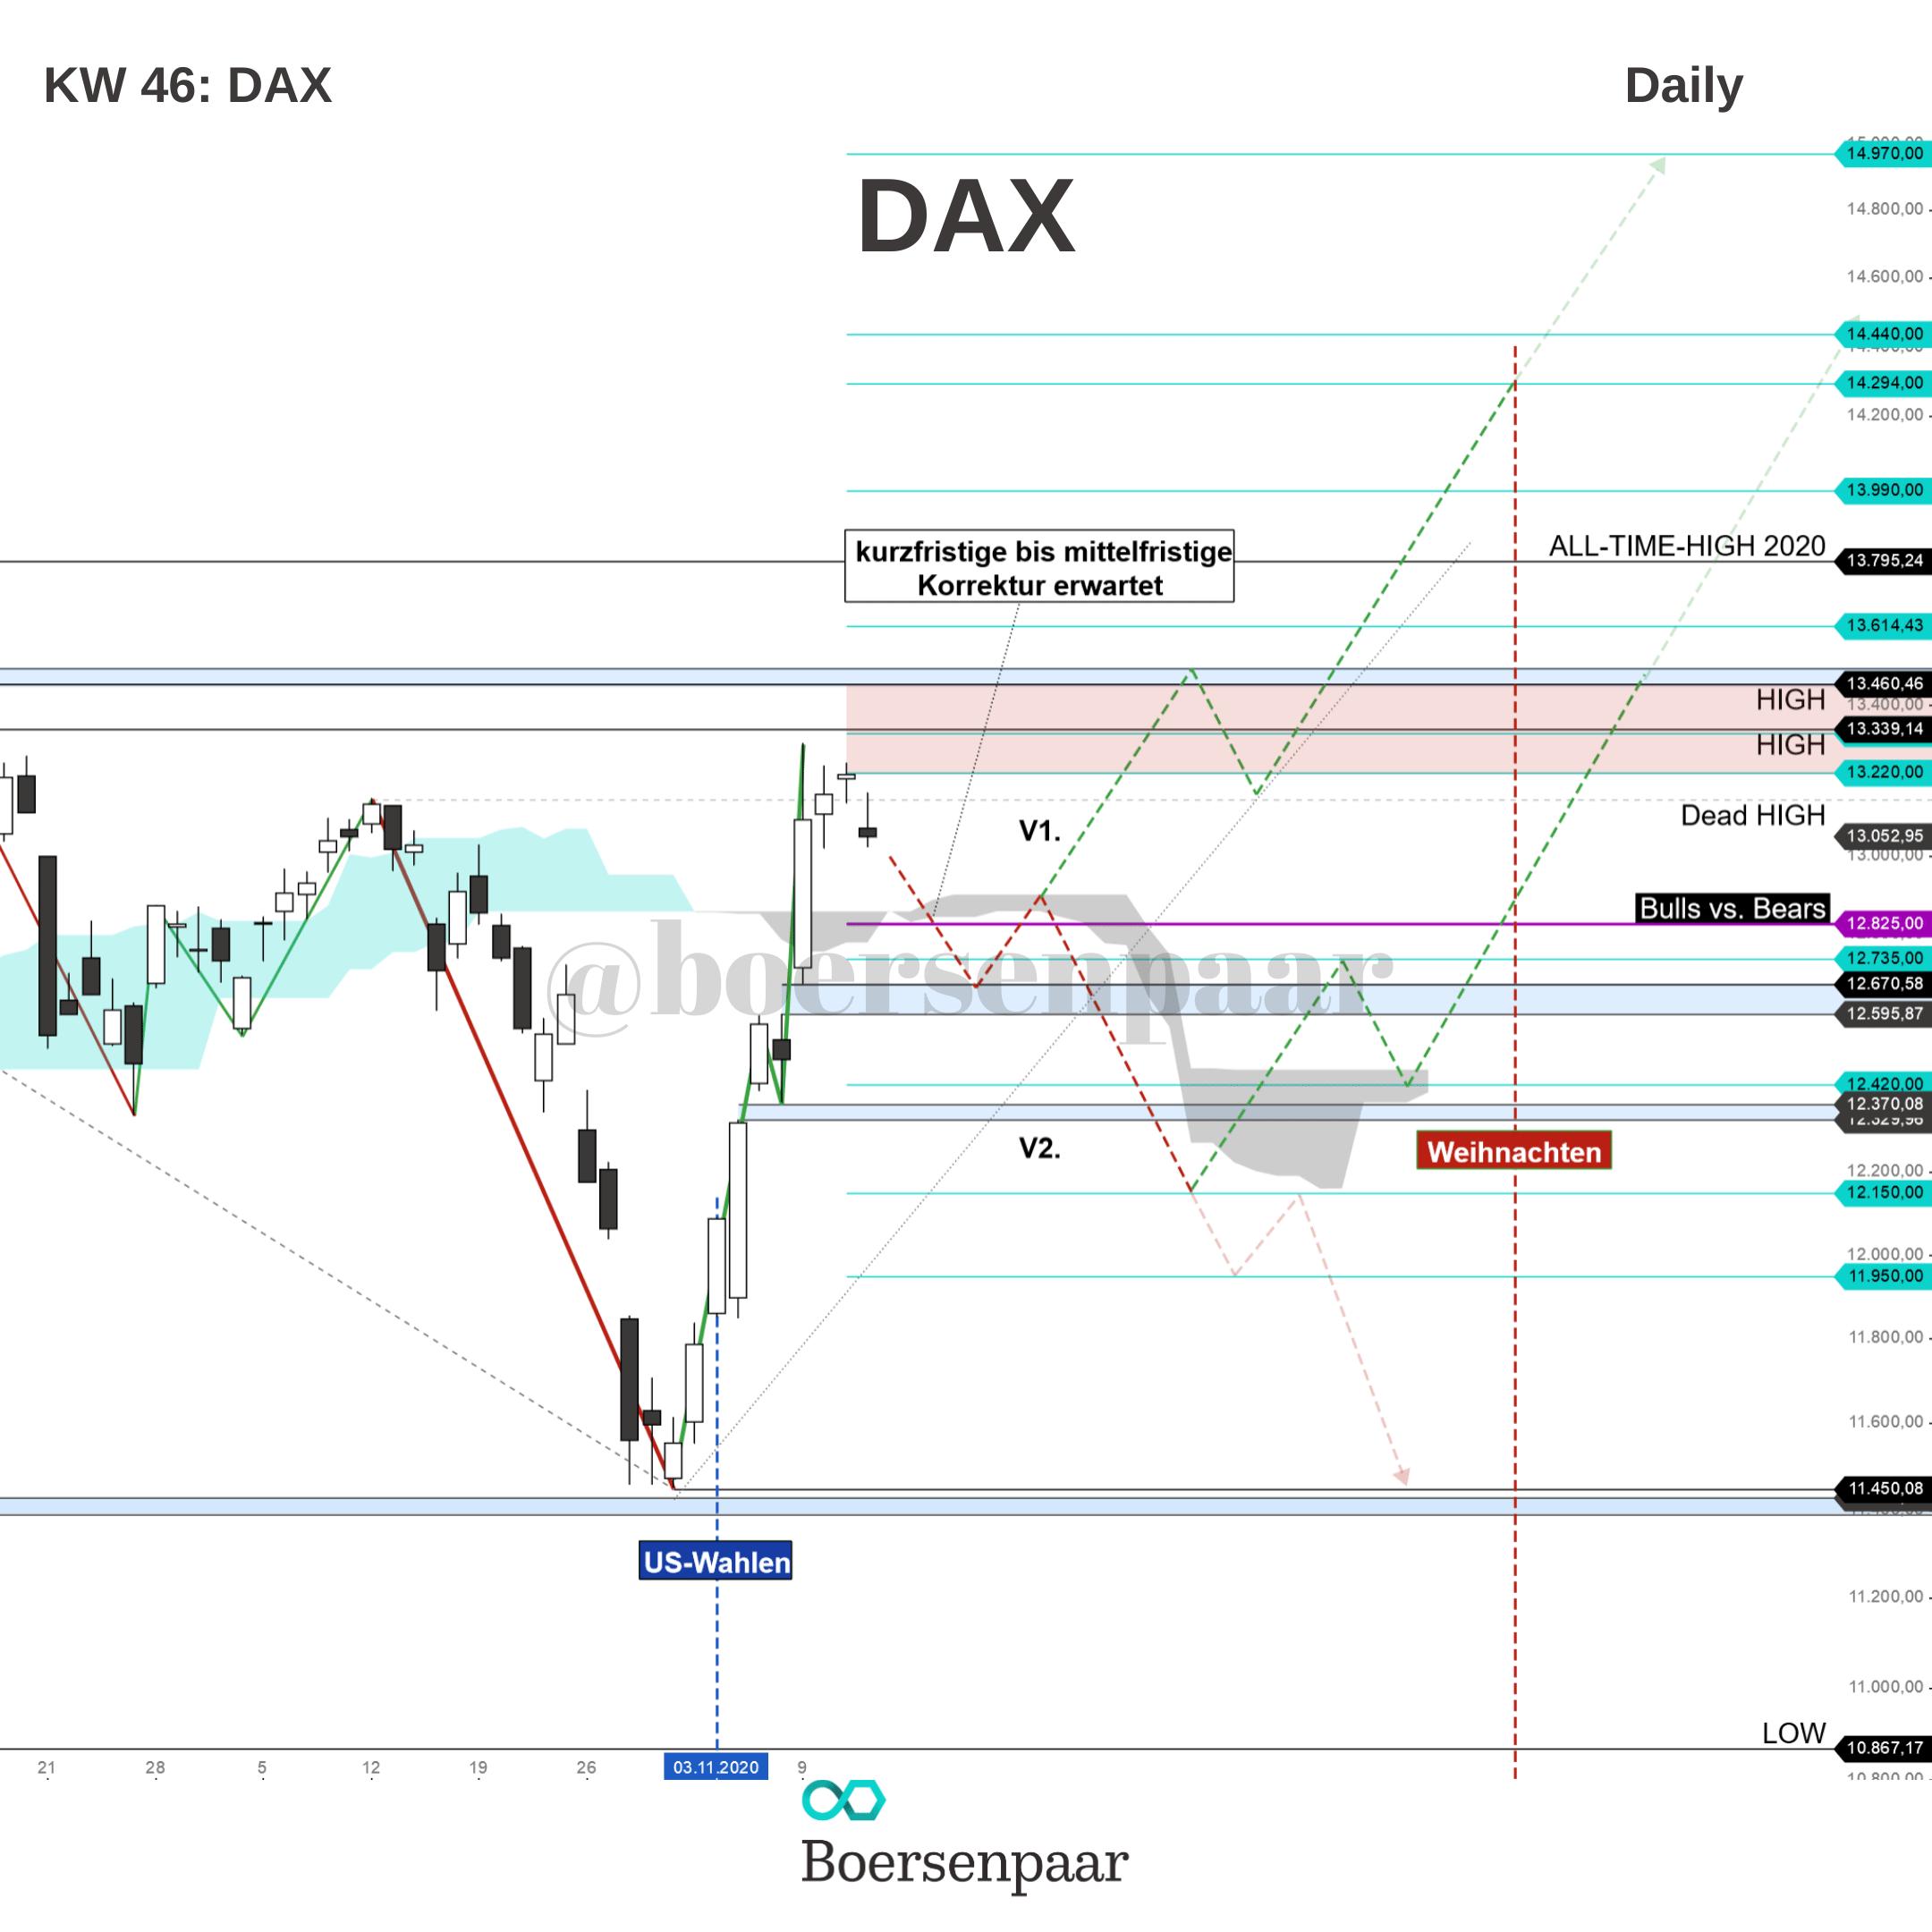 DAX Analyse - KW 46